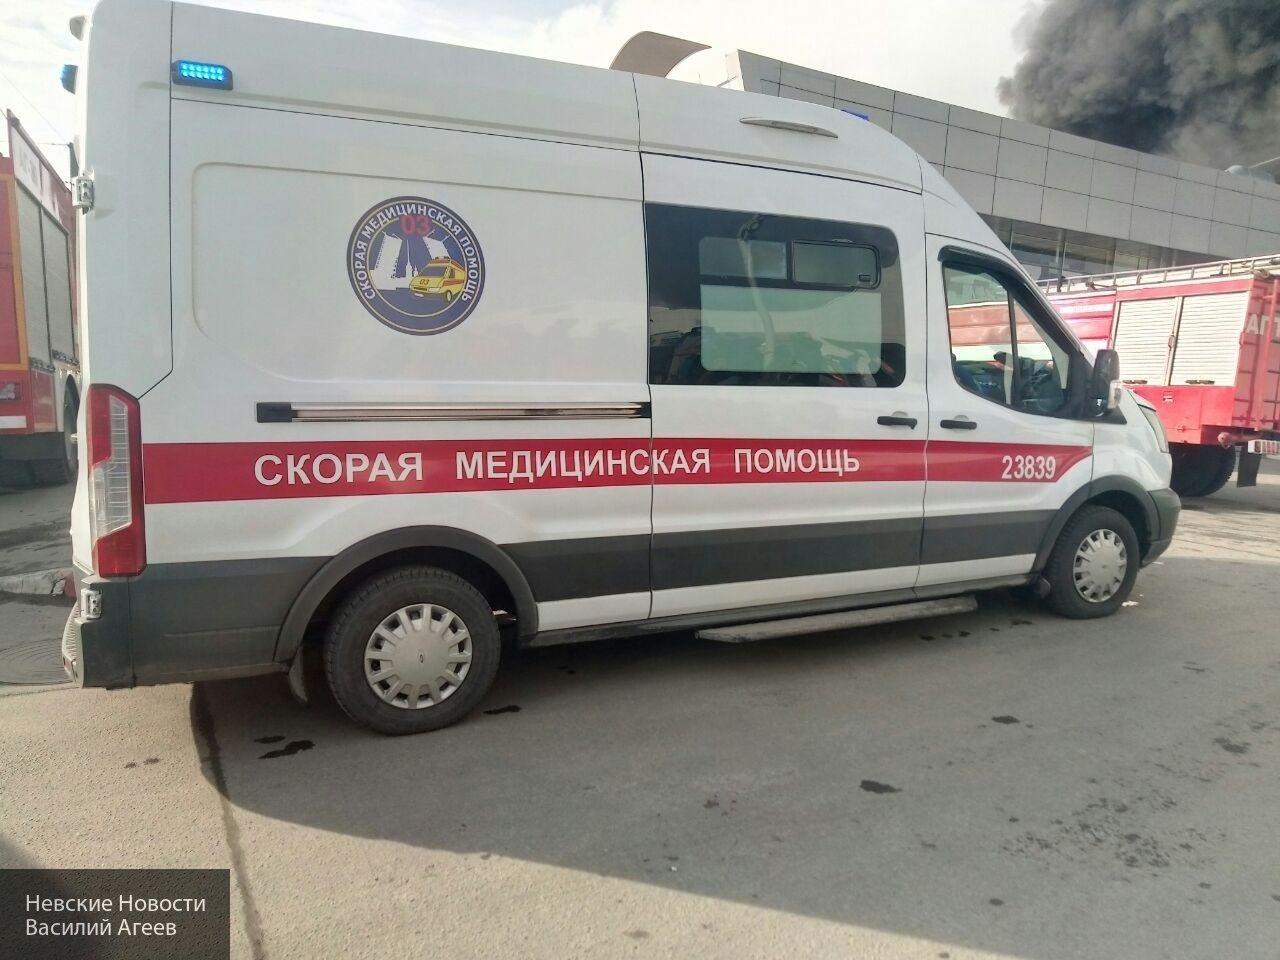 Ребенок попал под колеса иномарки в Екатеринбурге